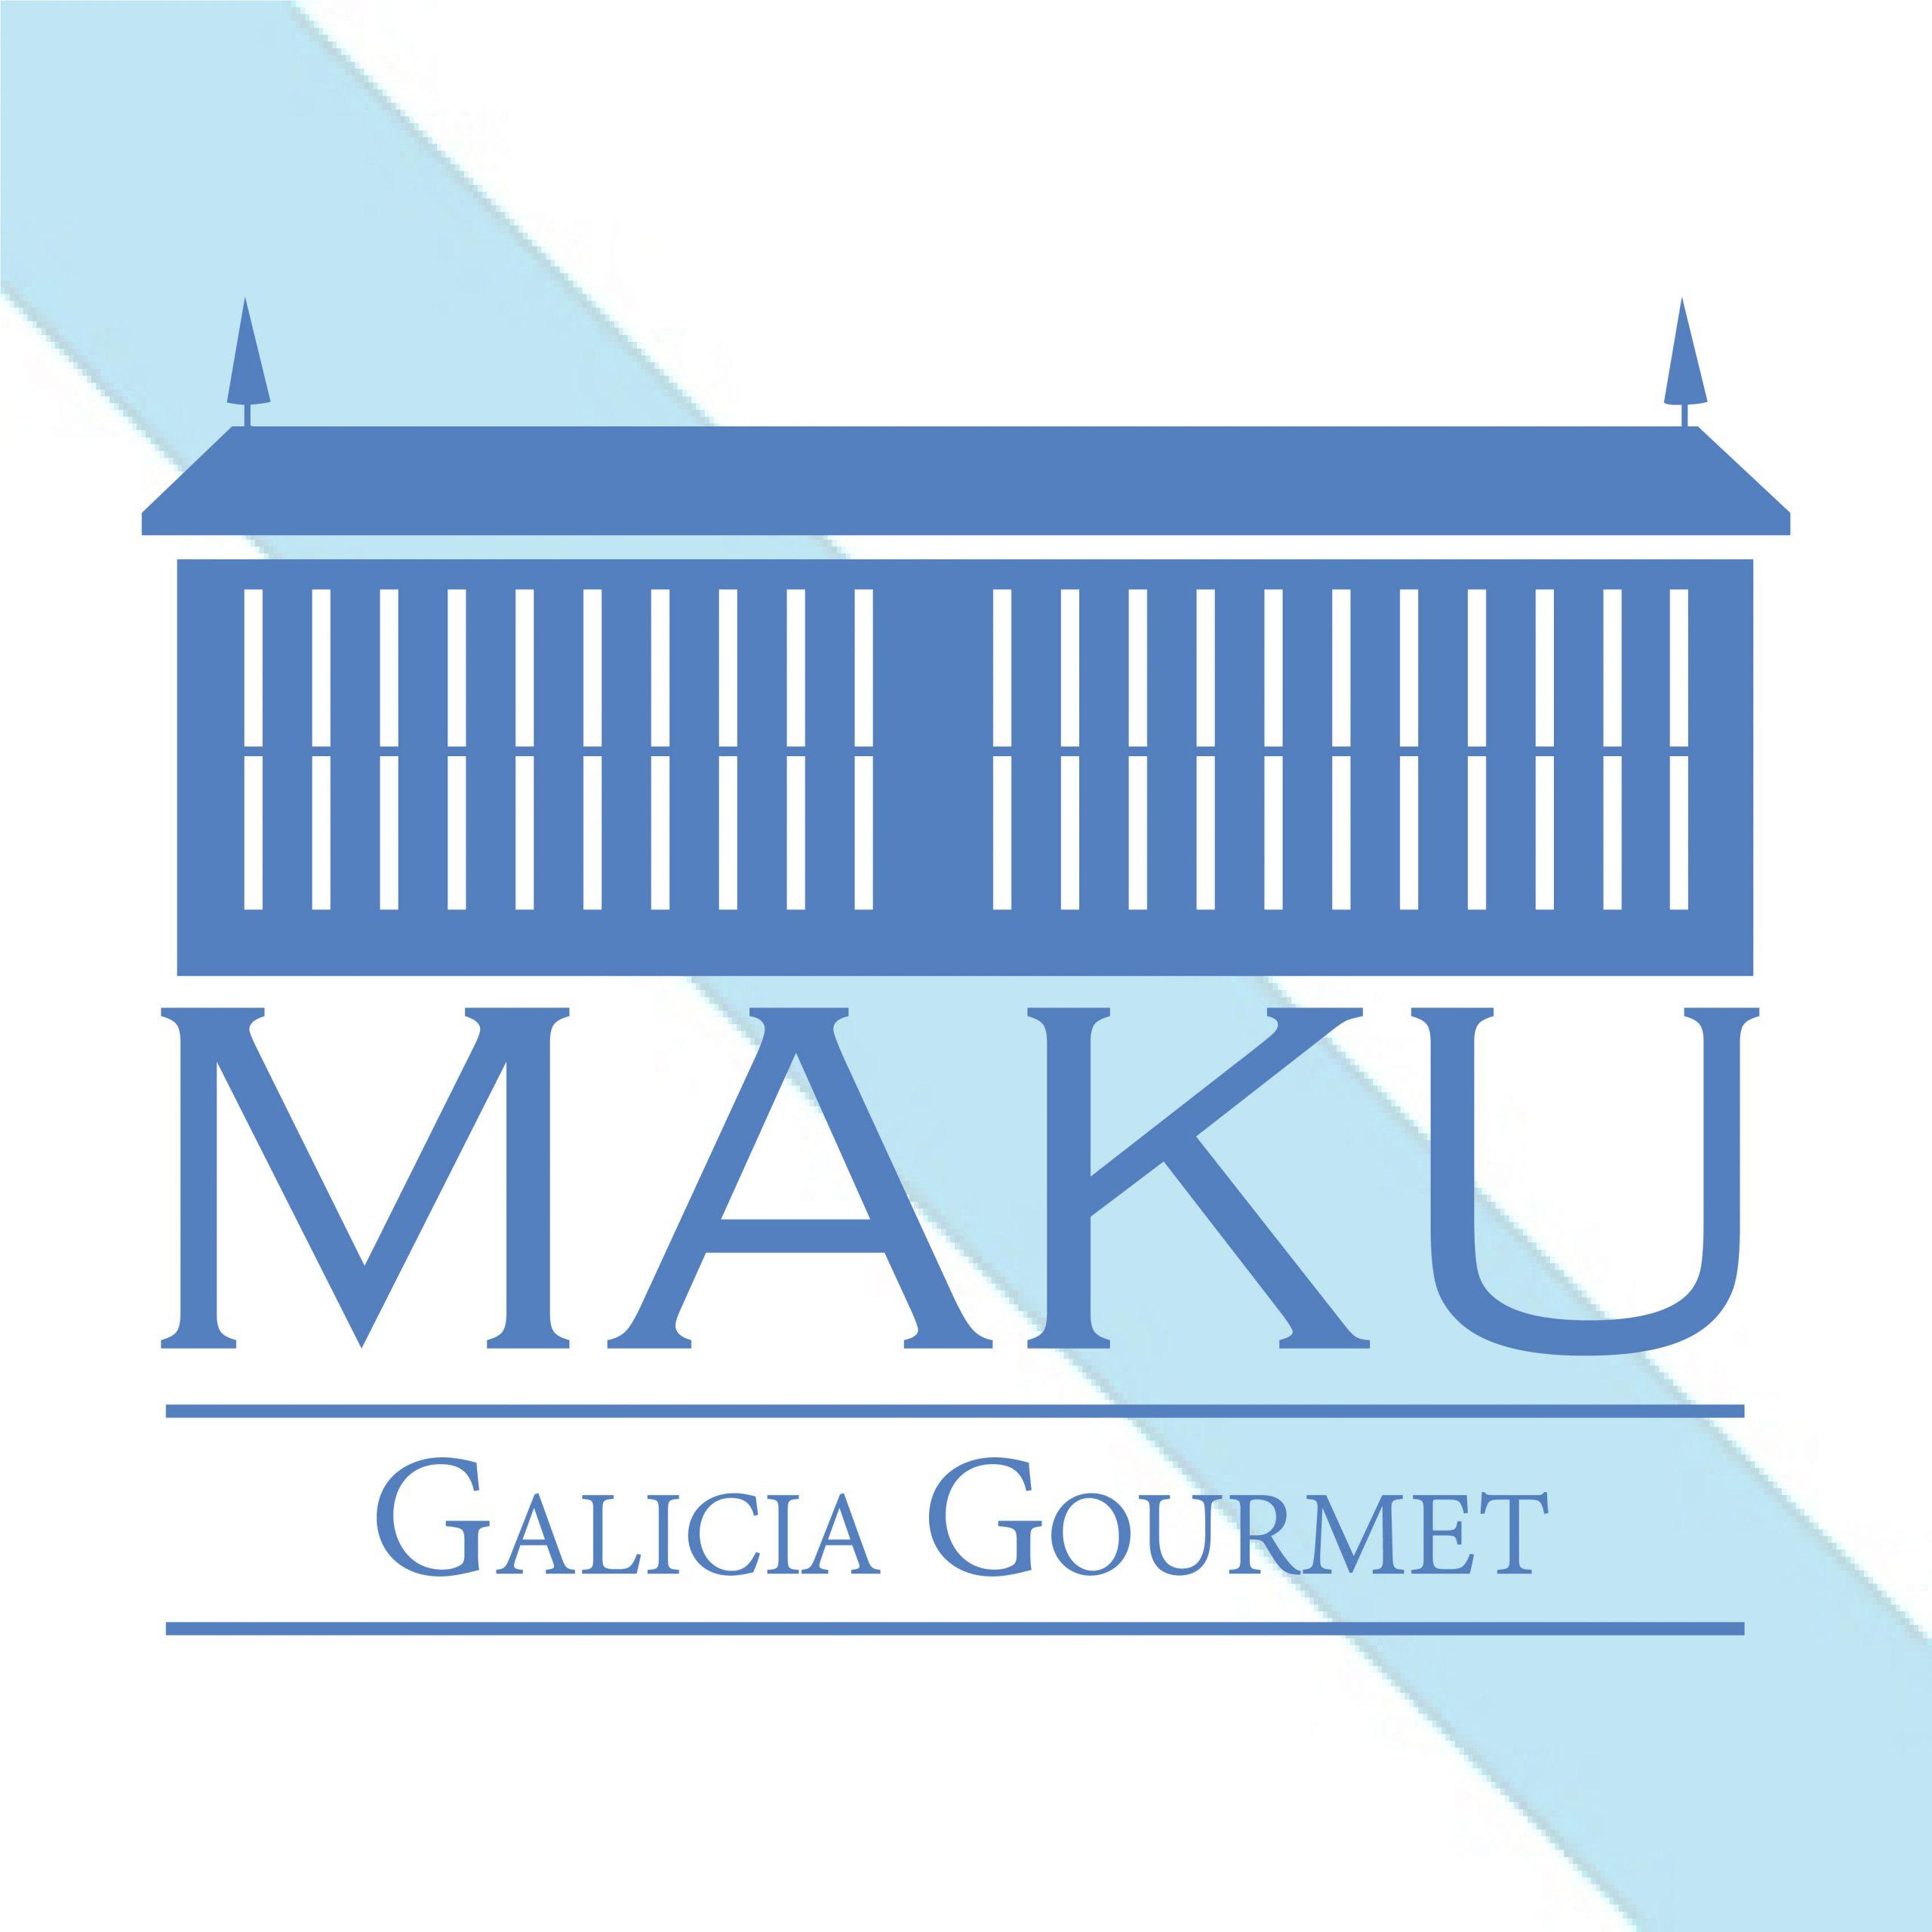 Maku Galicia Gourmet